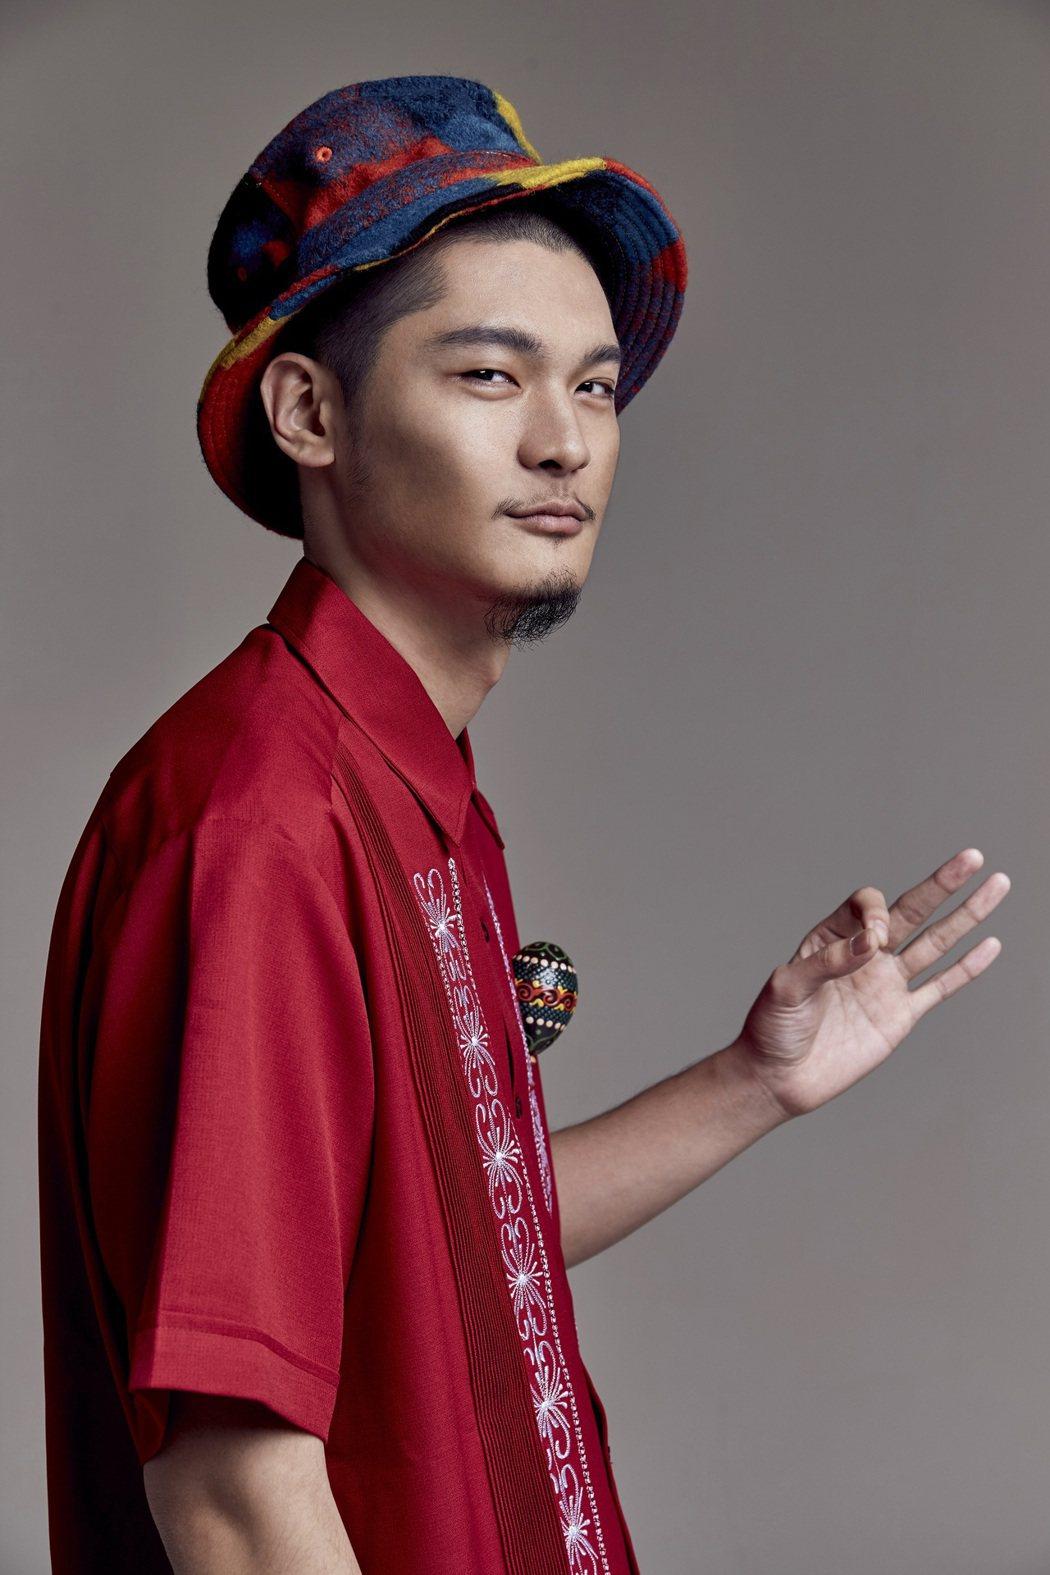 LEO王去年抱回金曲歌王。圖/文化部影視及流行音樂產業局提供